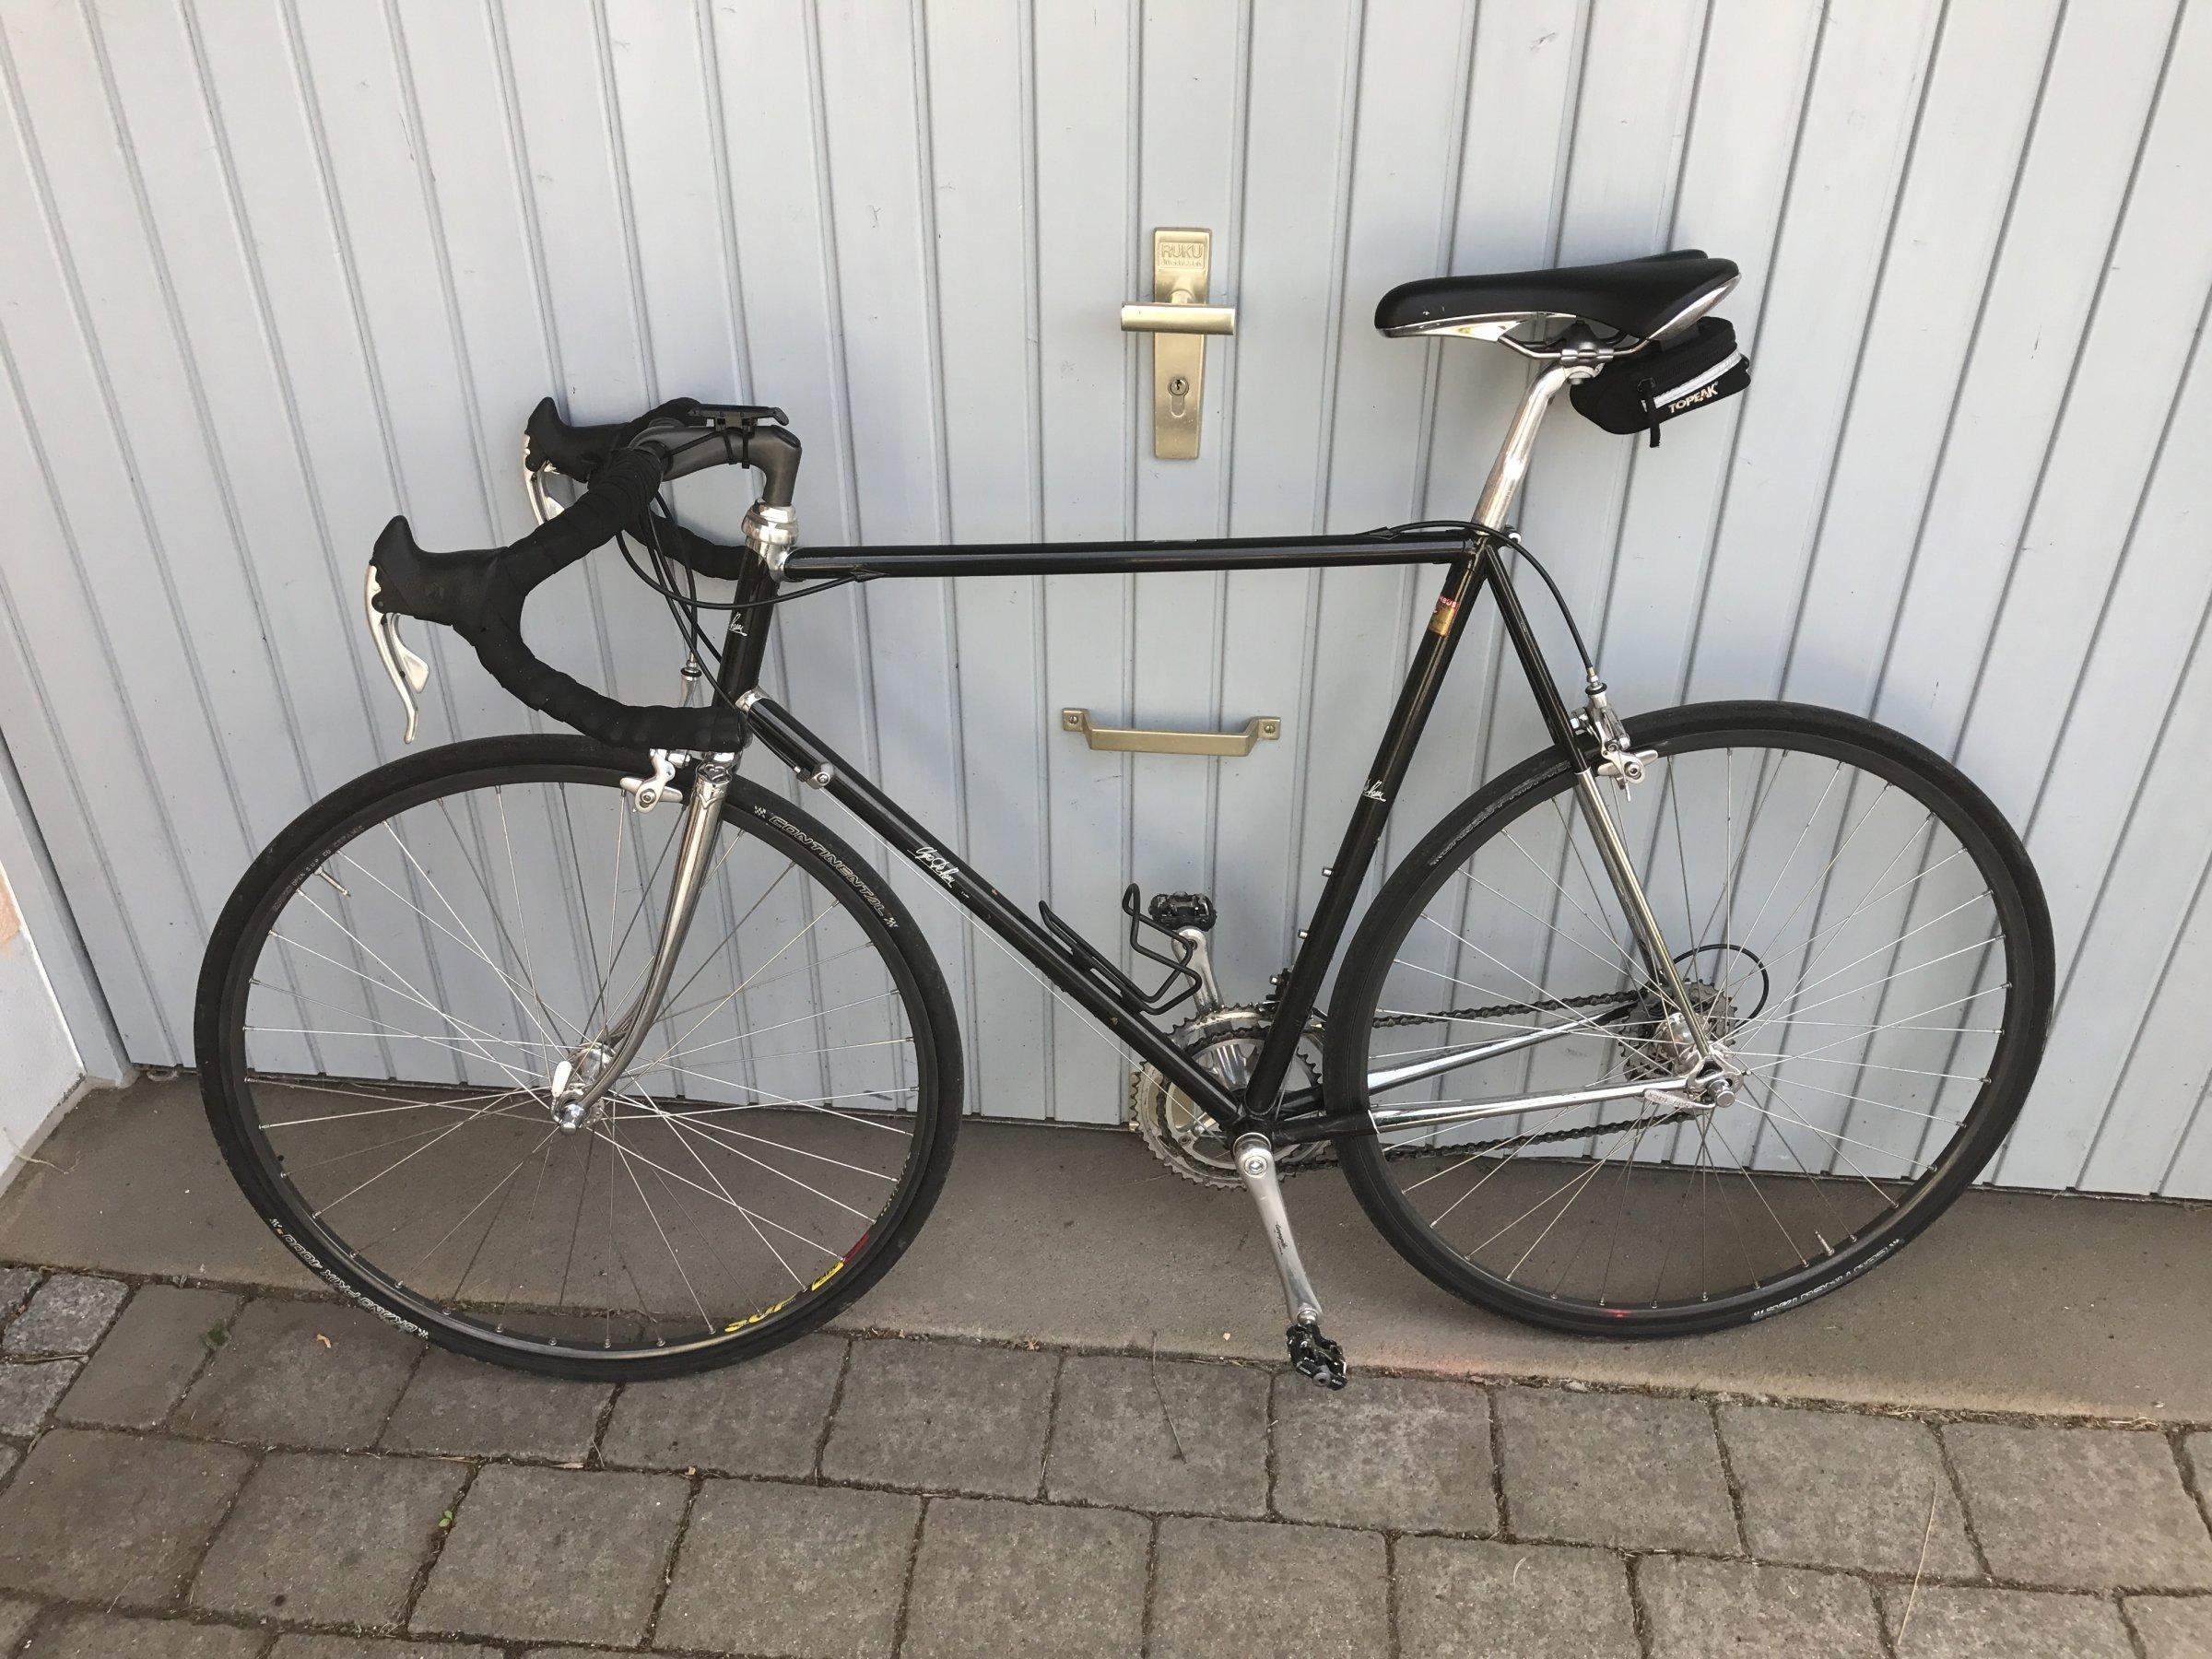 Kennt jemand diesen Rahmen? | Rennrad-News.de